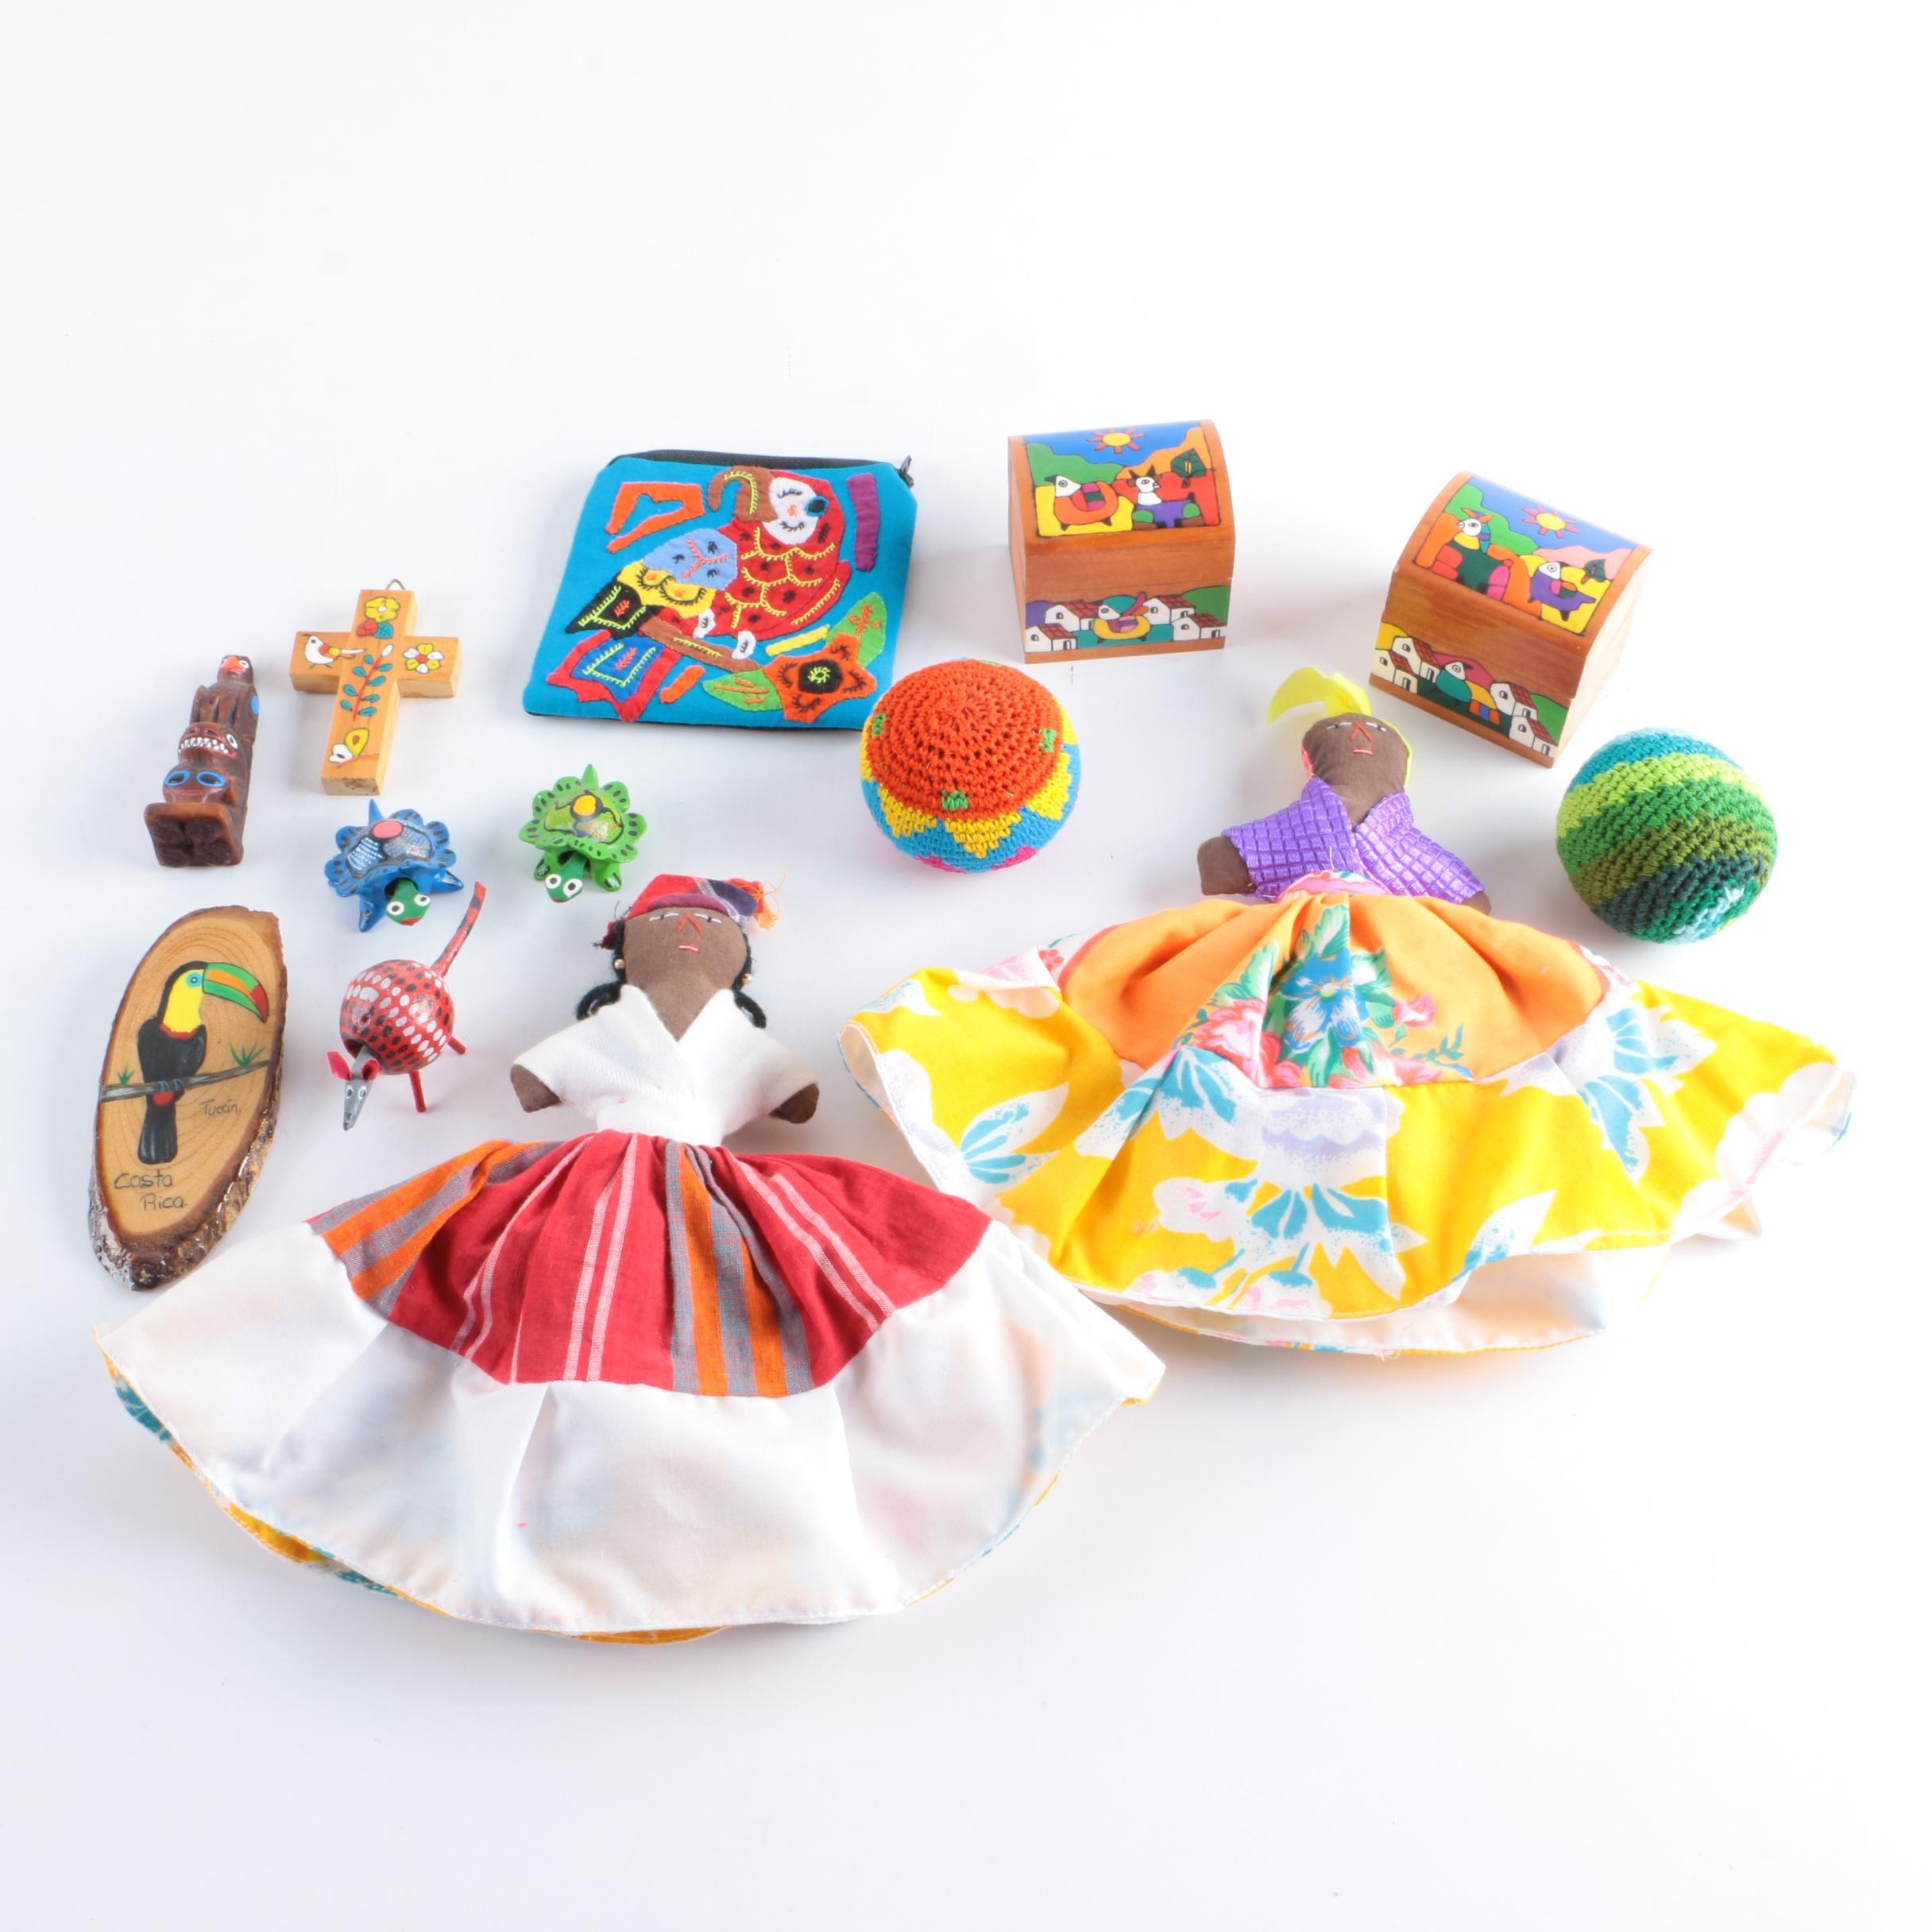 Handmade Cloth Dolls and Assorted Décor